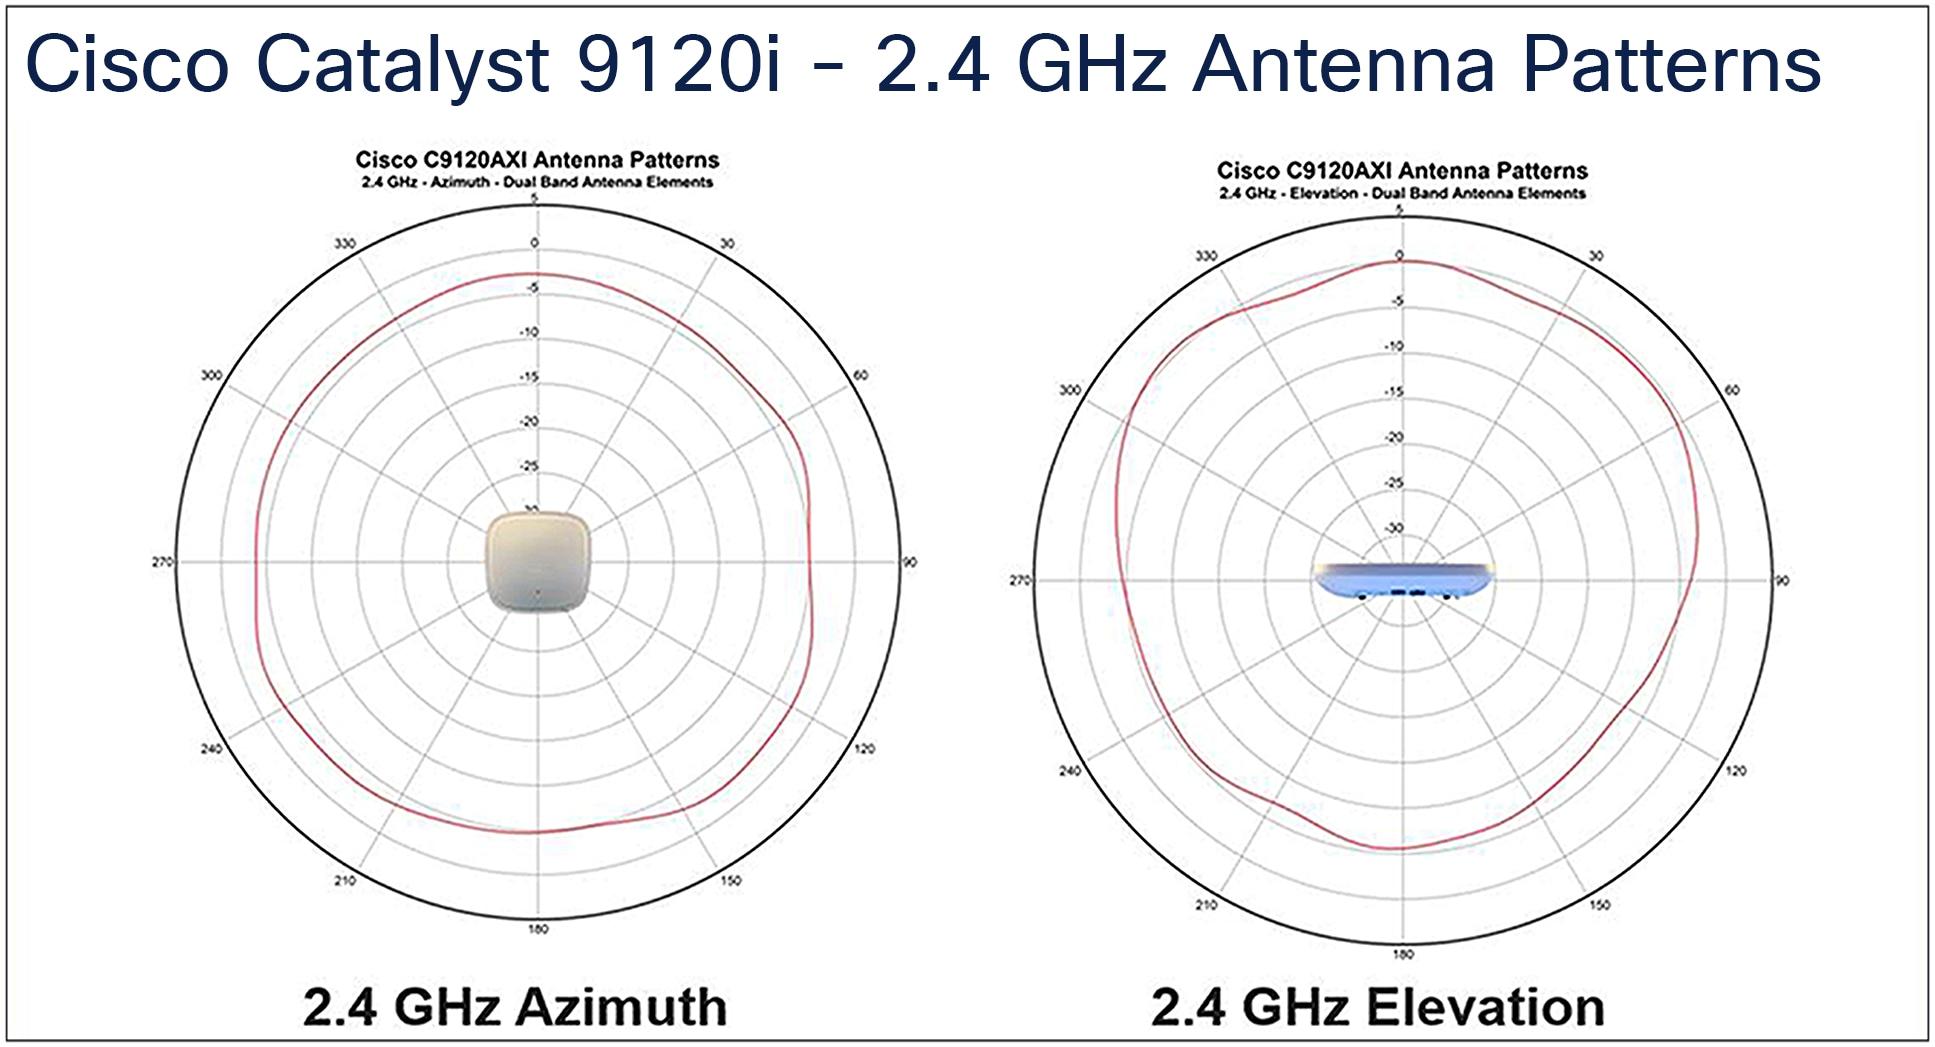 Cisco Catalyst 9120i - 2.4 GHz Antenna Patterns